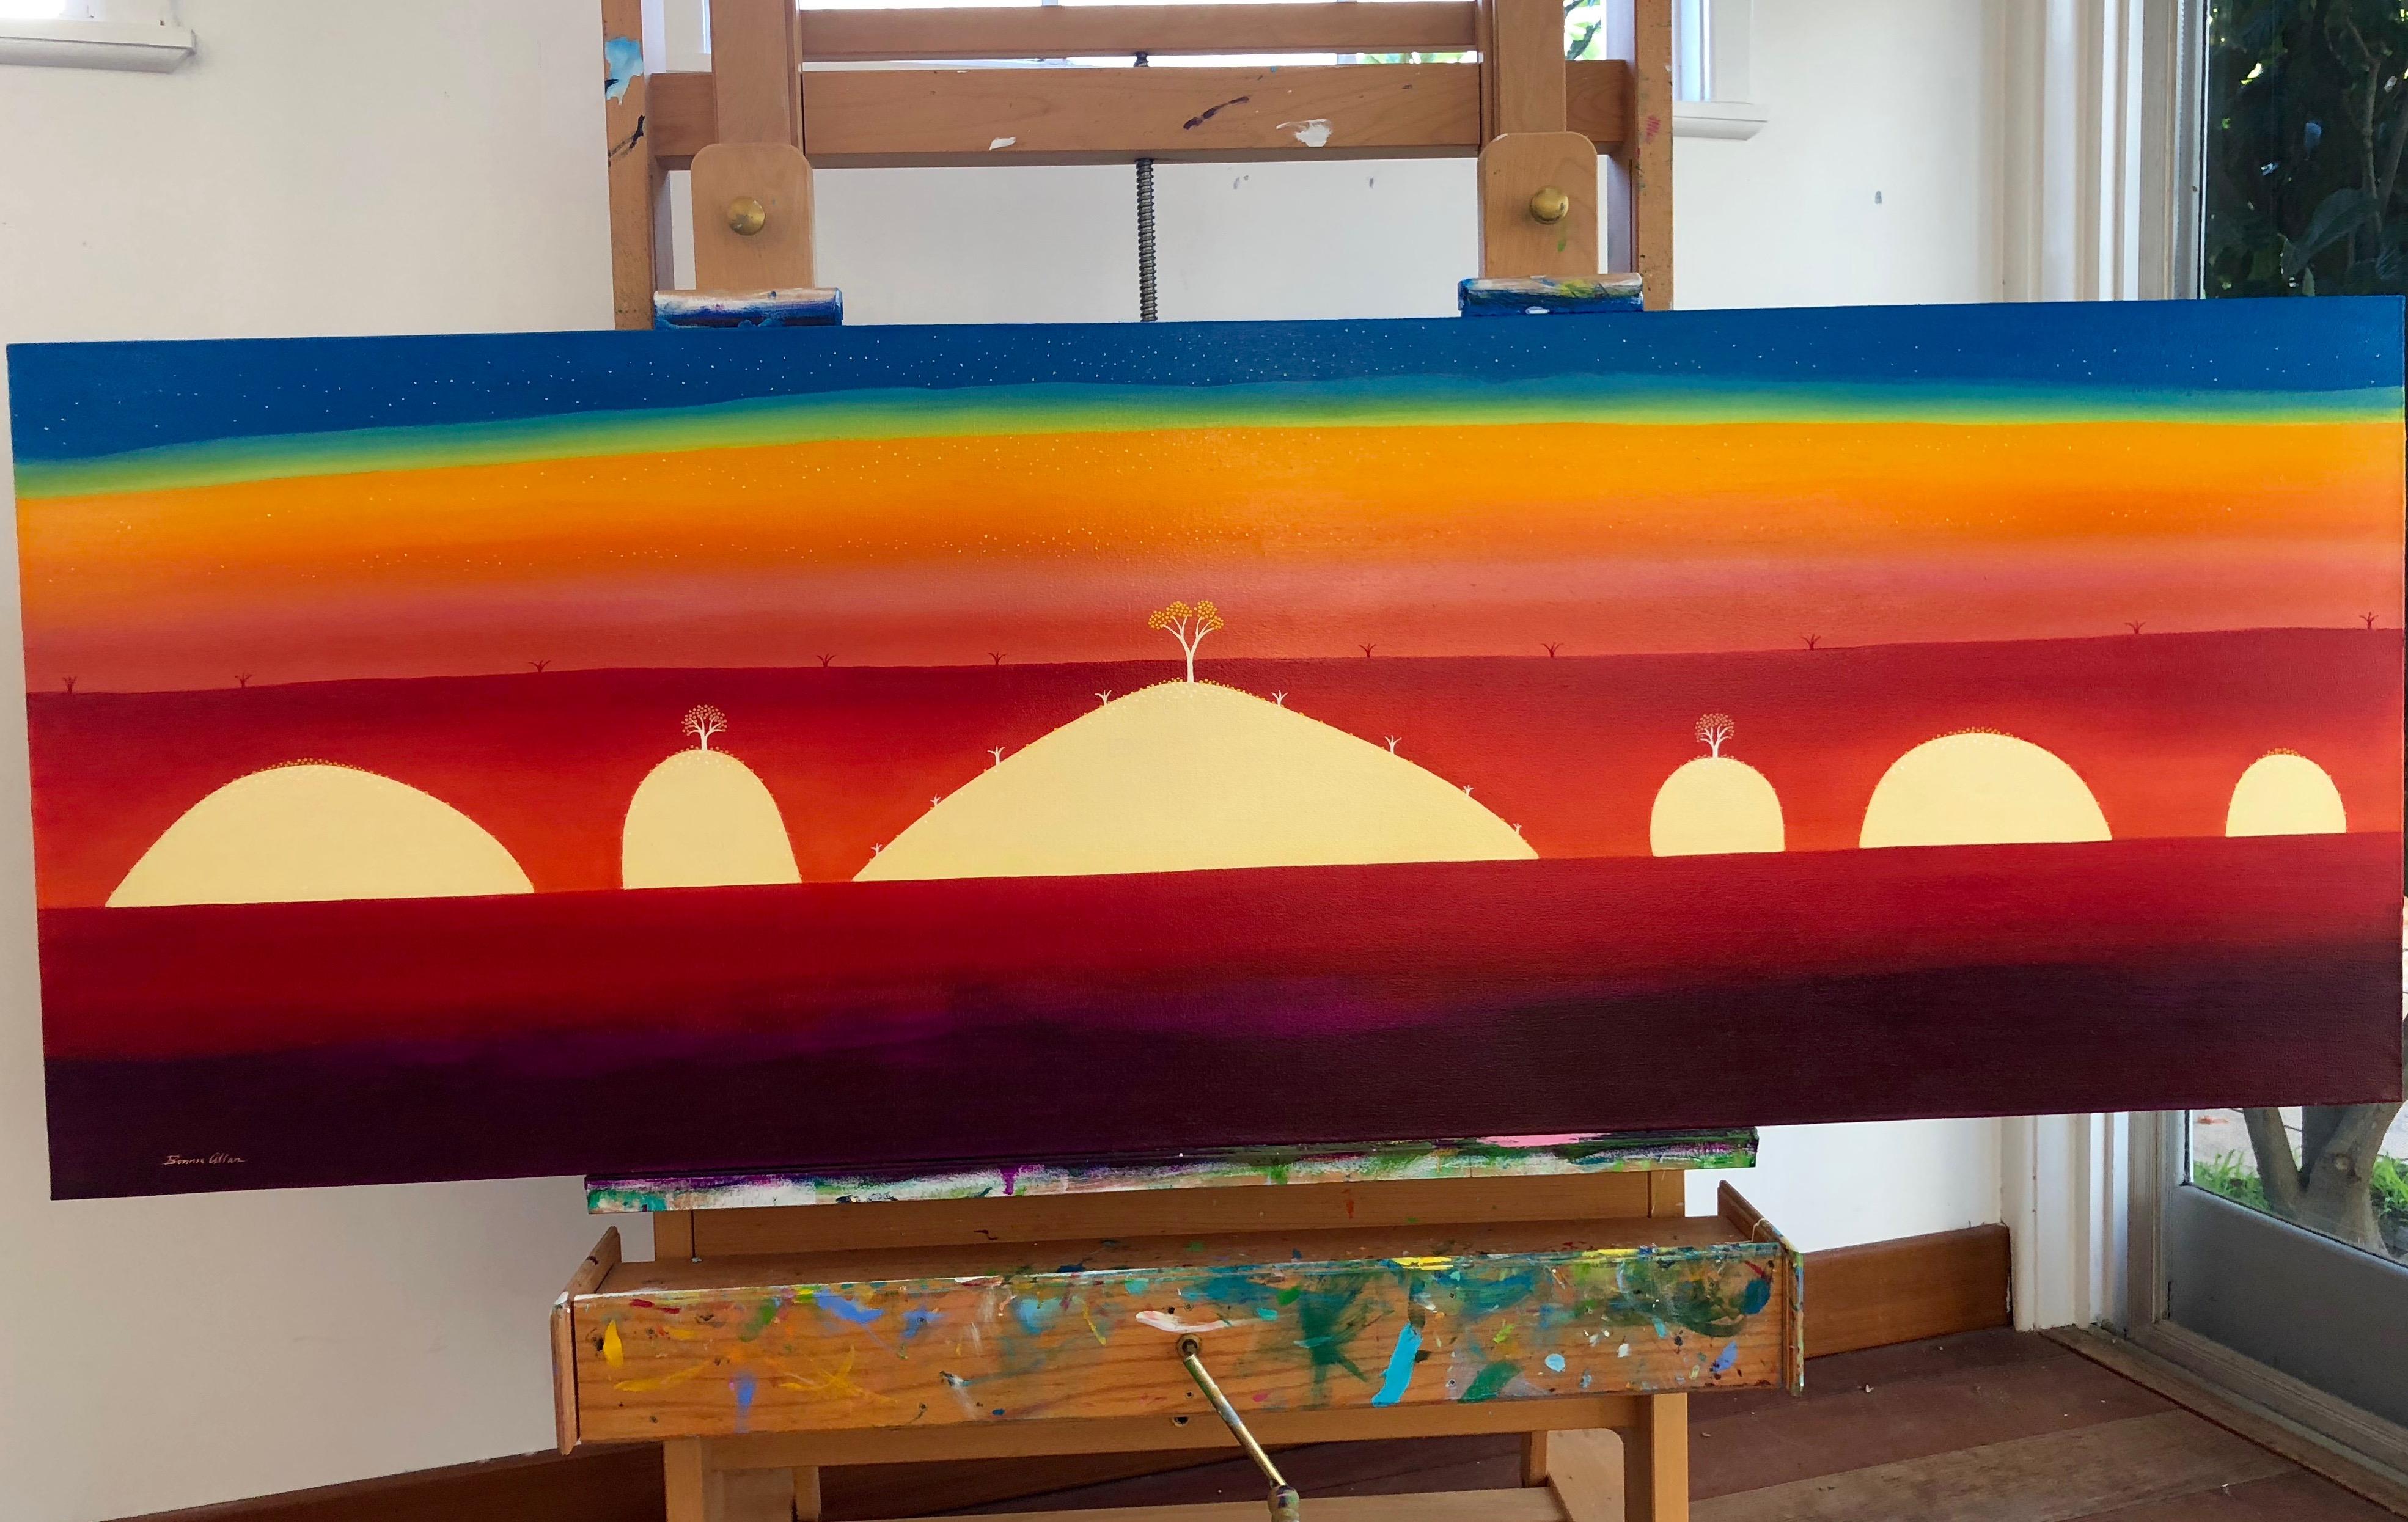 Neon Rainbow-200 x 70 cm - SOLD